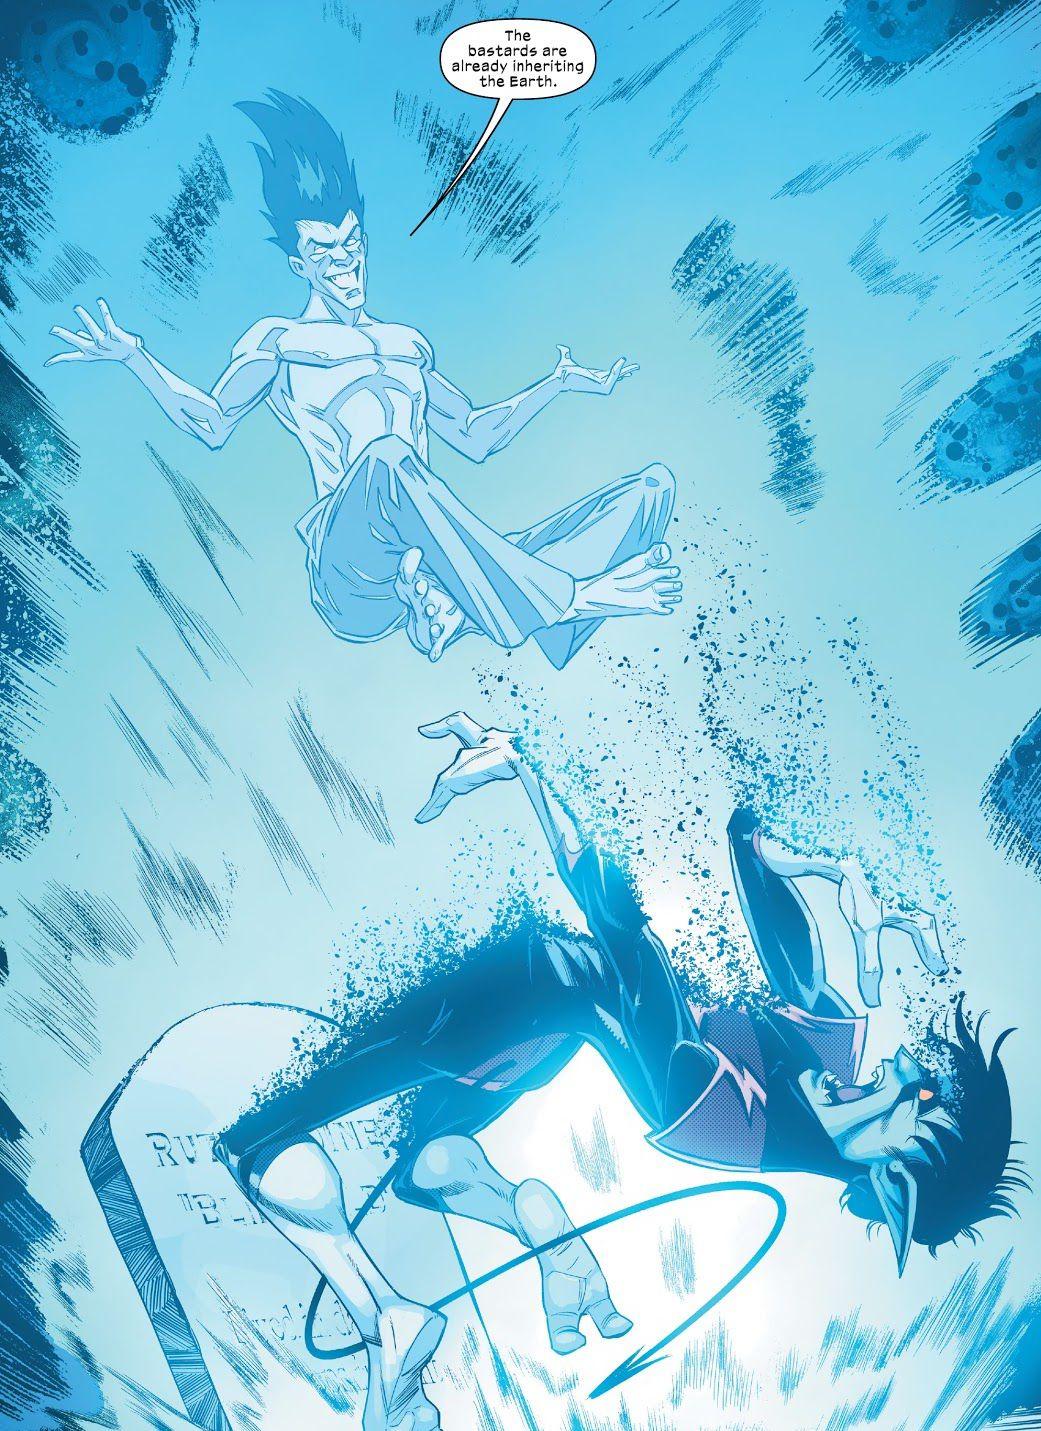 Legion levita sobre Nightcrawler mientras transforma el cuerpo de este último en átomos en Way of X # 1, Marvel Comics (2021).